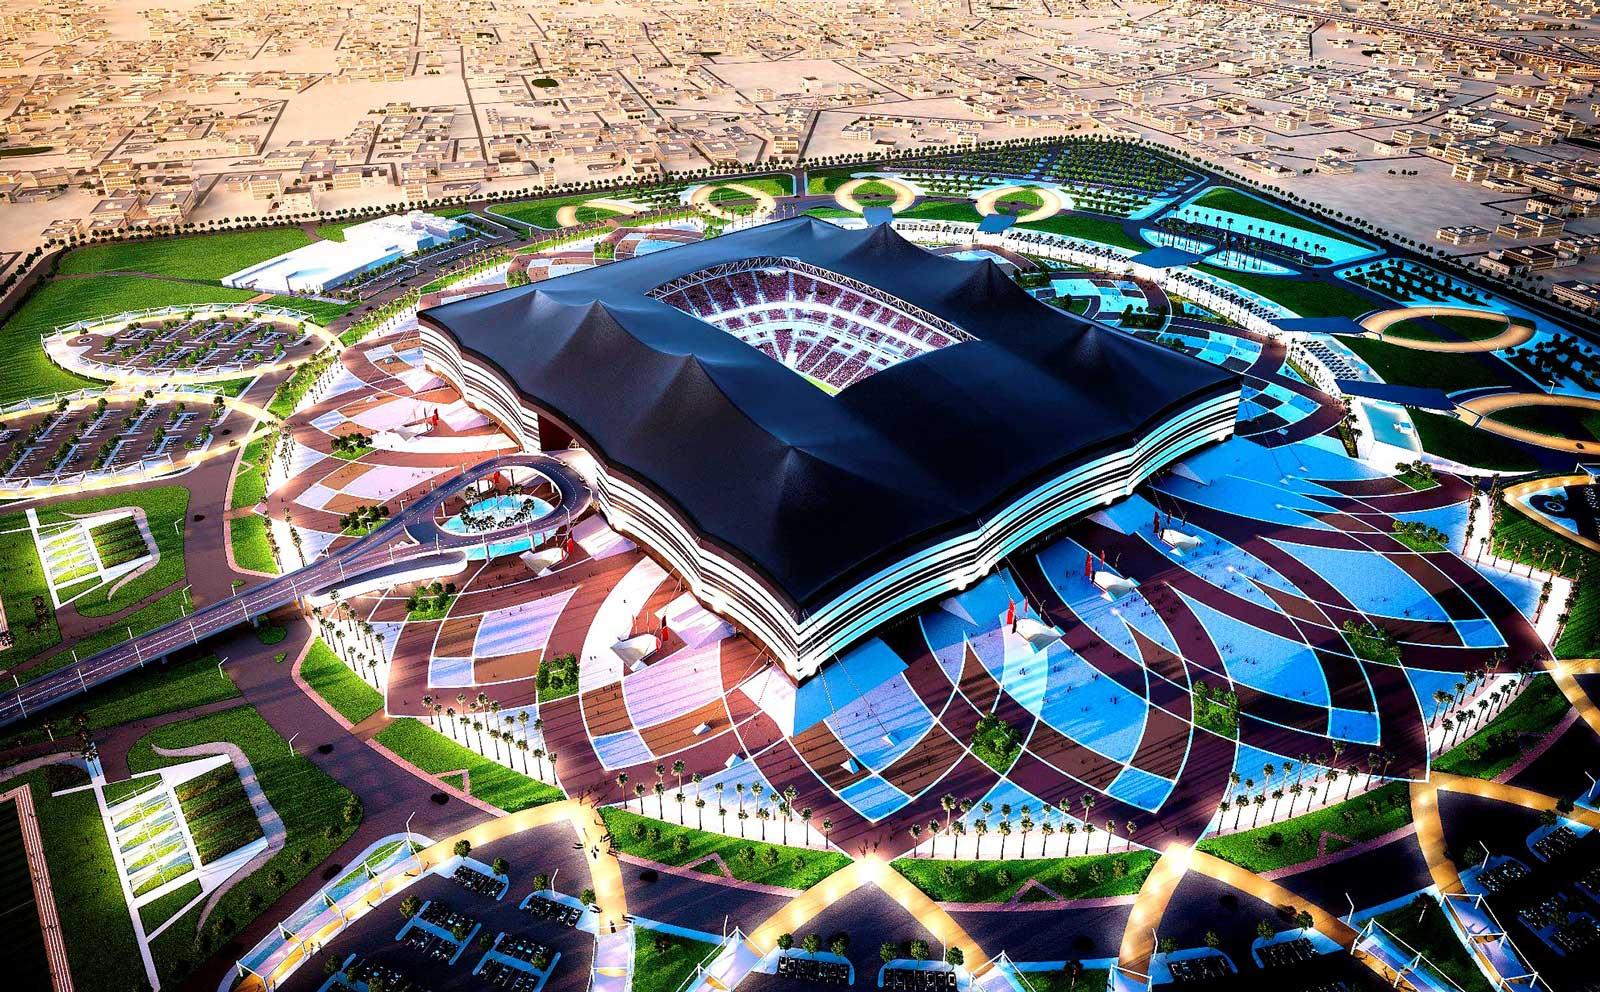 ФИФА проведет турнир в Катаре, поскольку Кубка конфедераций больше нет - фото